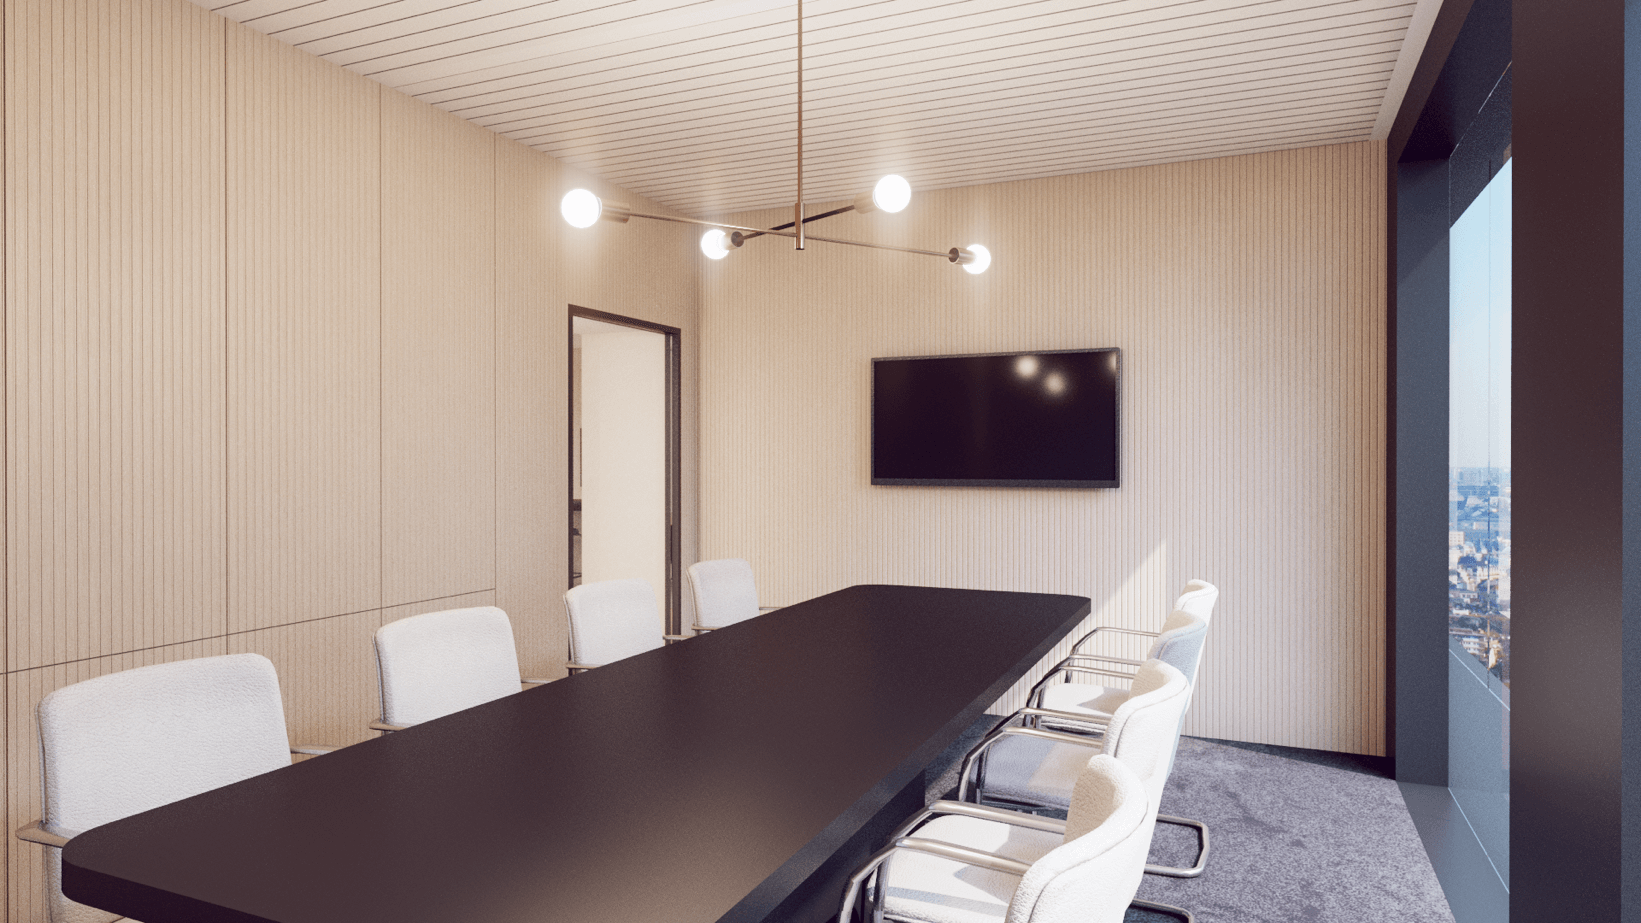 Ethias' Executive Management Offices